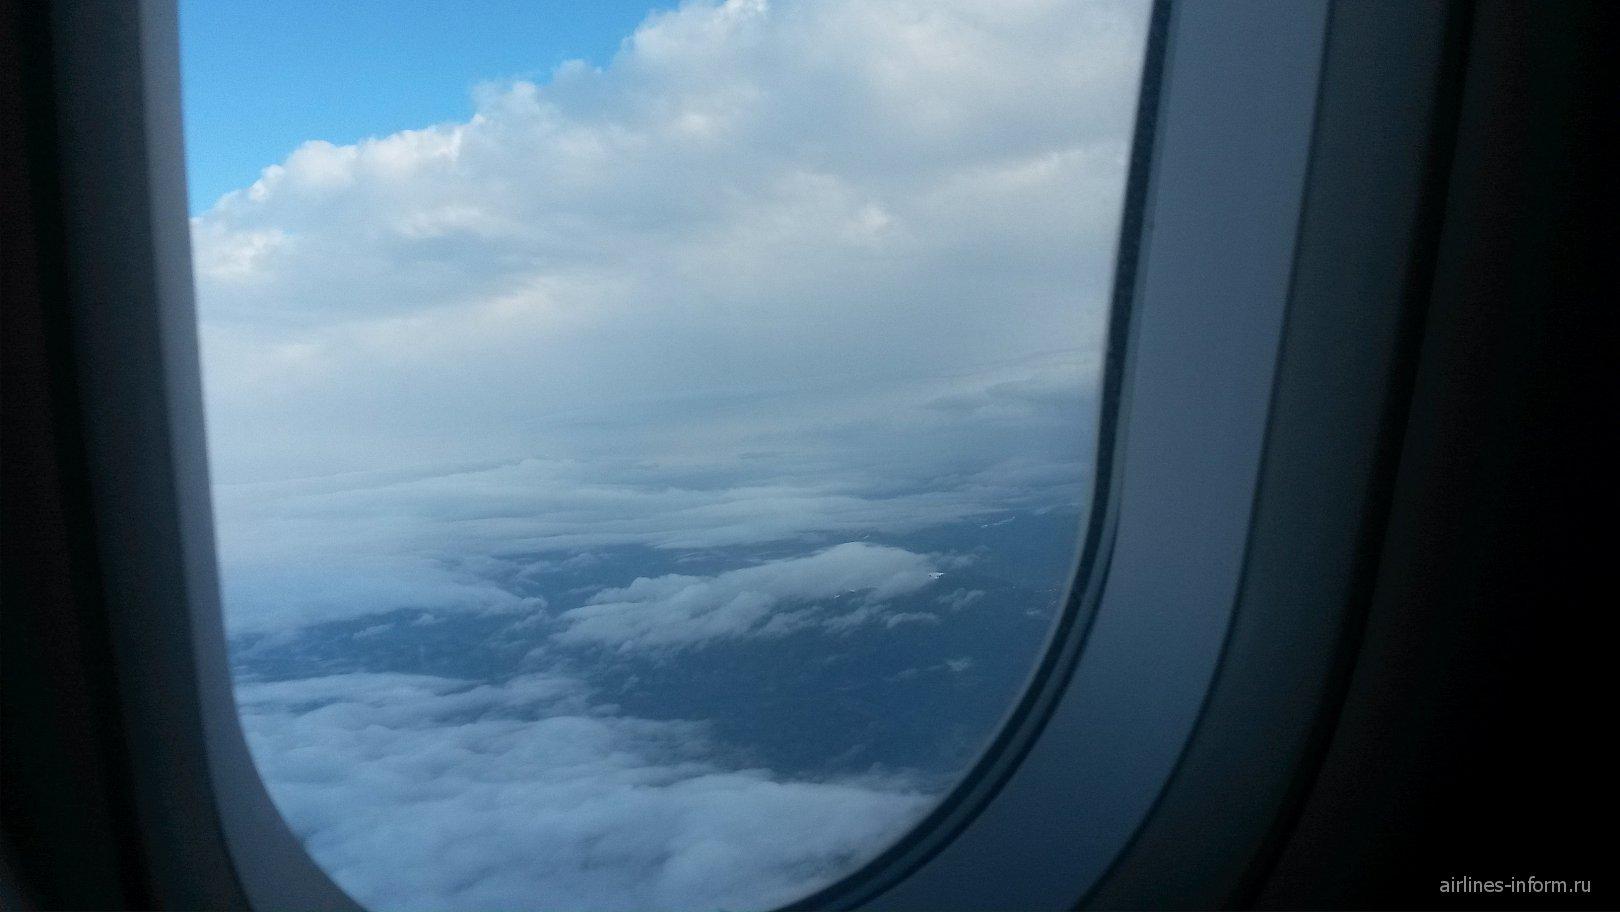 Рейс Лондон-Базель авиакомпании easyJet